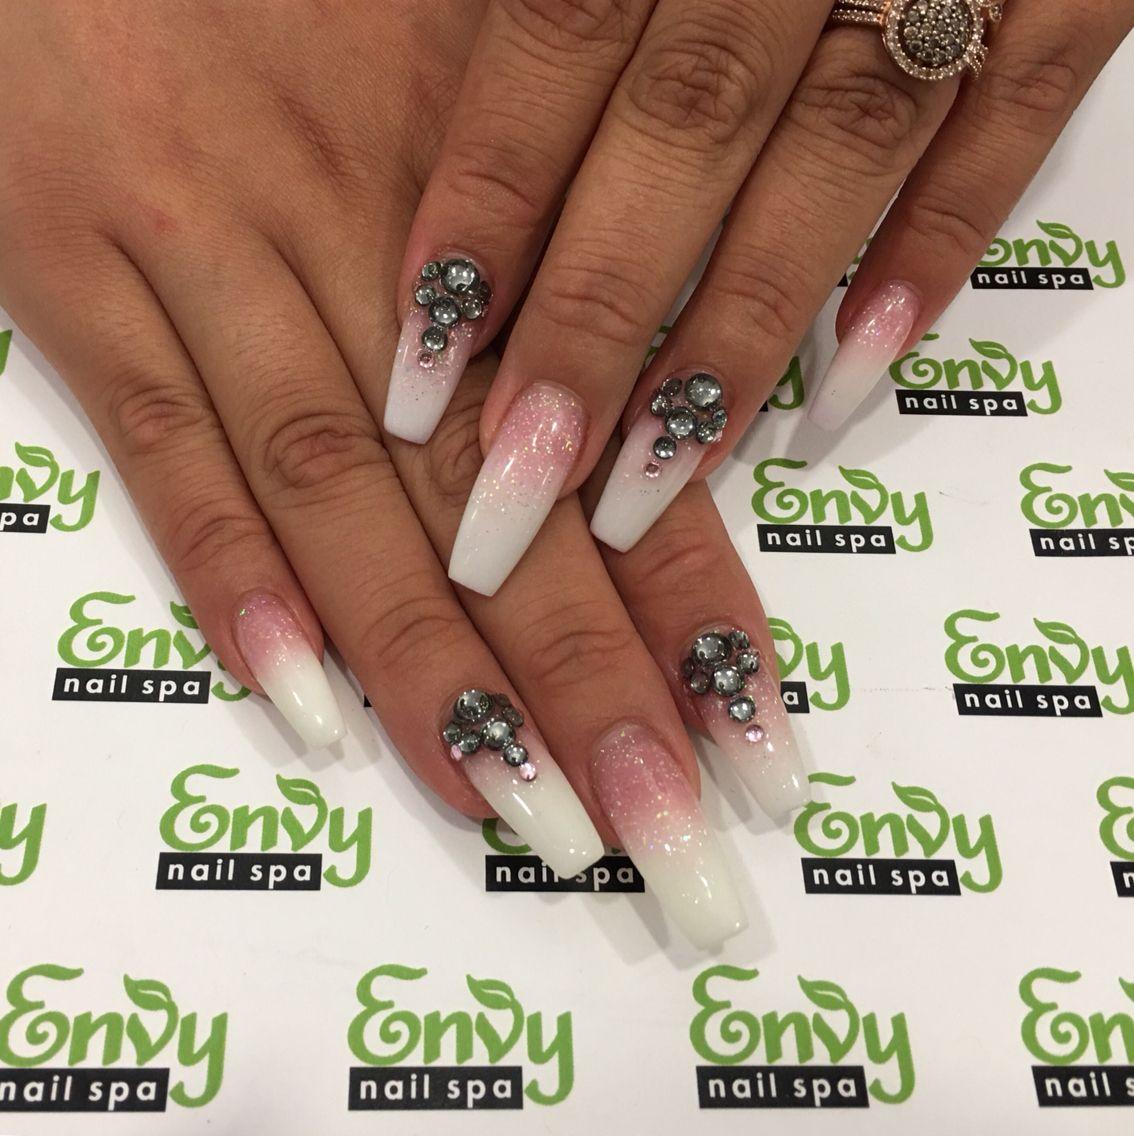 Pink White Glitter Swarovski Crystals Coffin Ballerina Shaped Nails Envy Nail Spa Nails Nail Designs Nail Envy